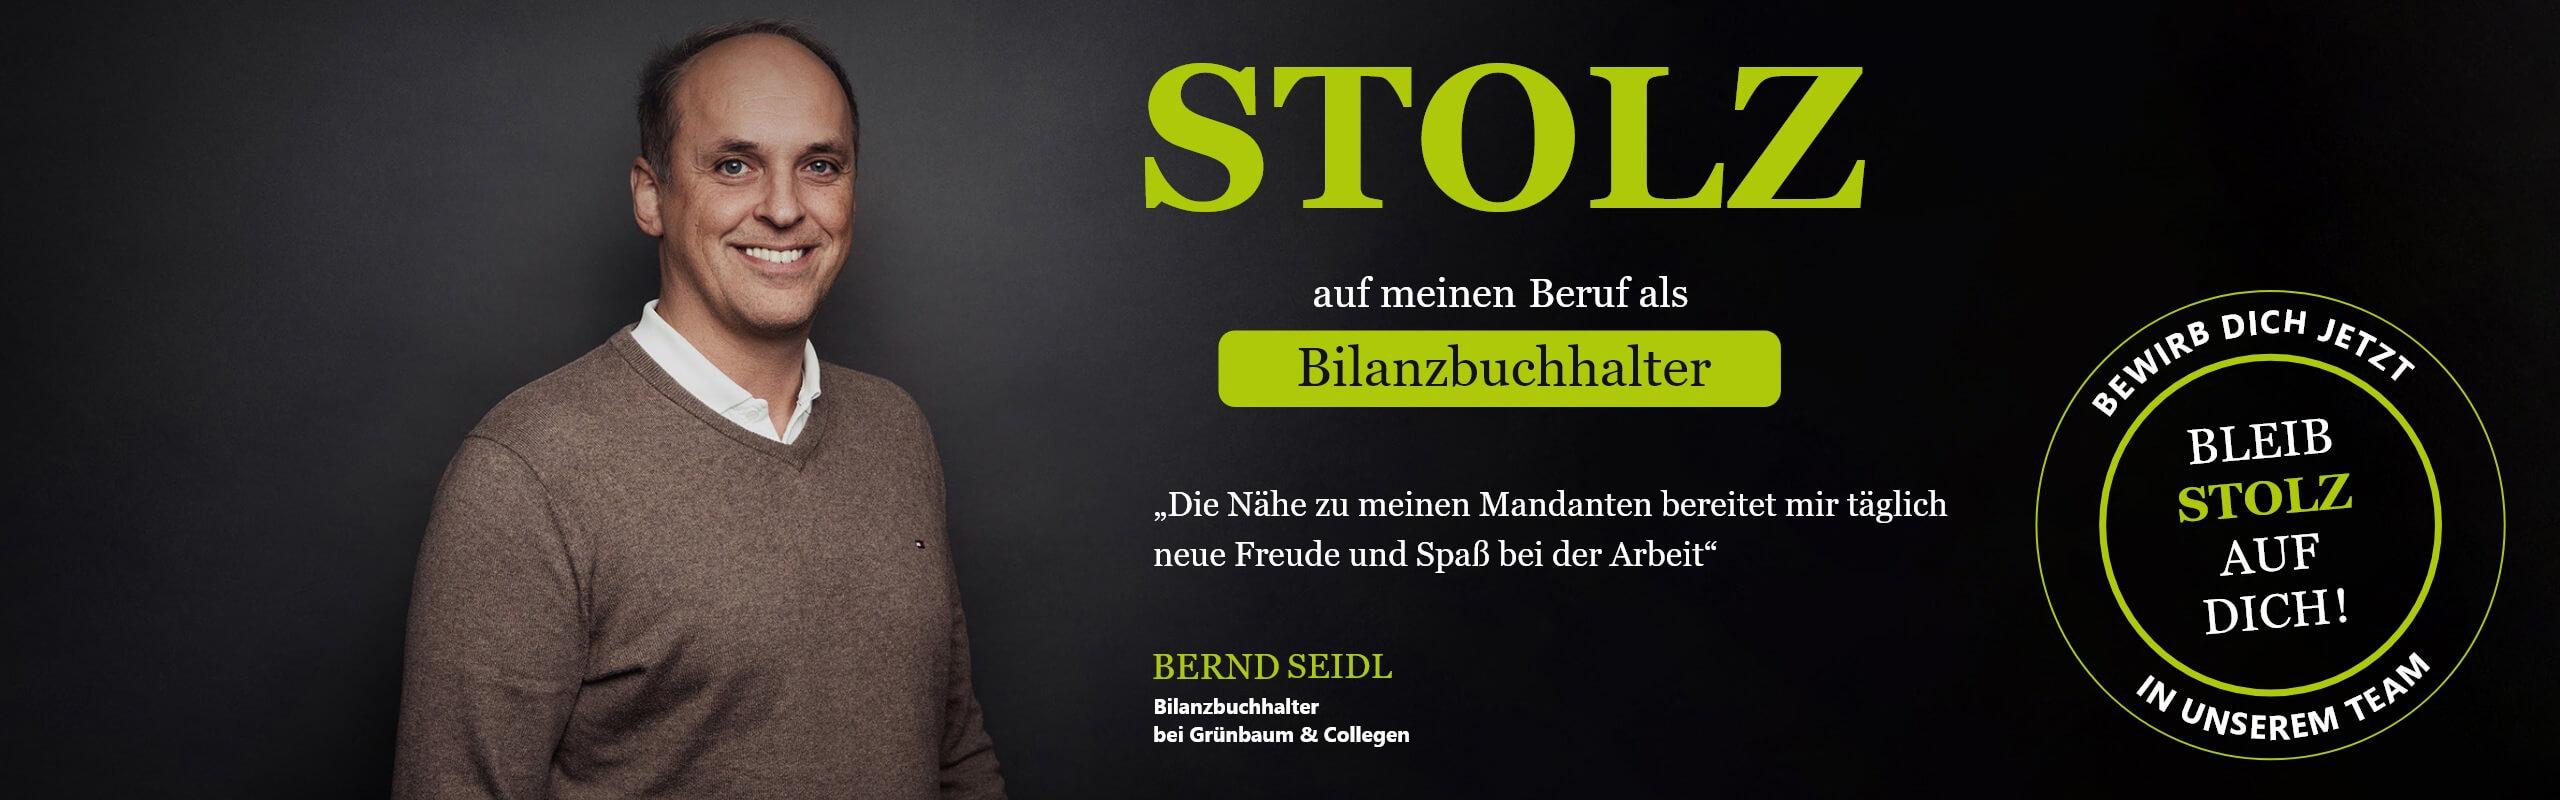 Bilanzbuchhalter (m/w/d) in Bayreuth